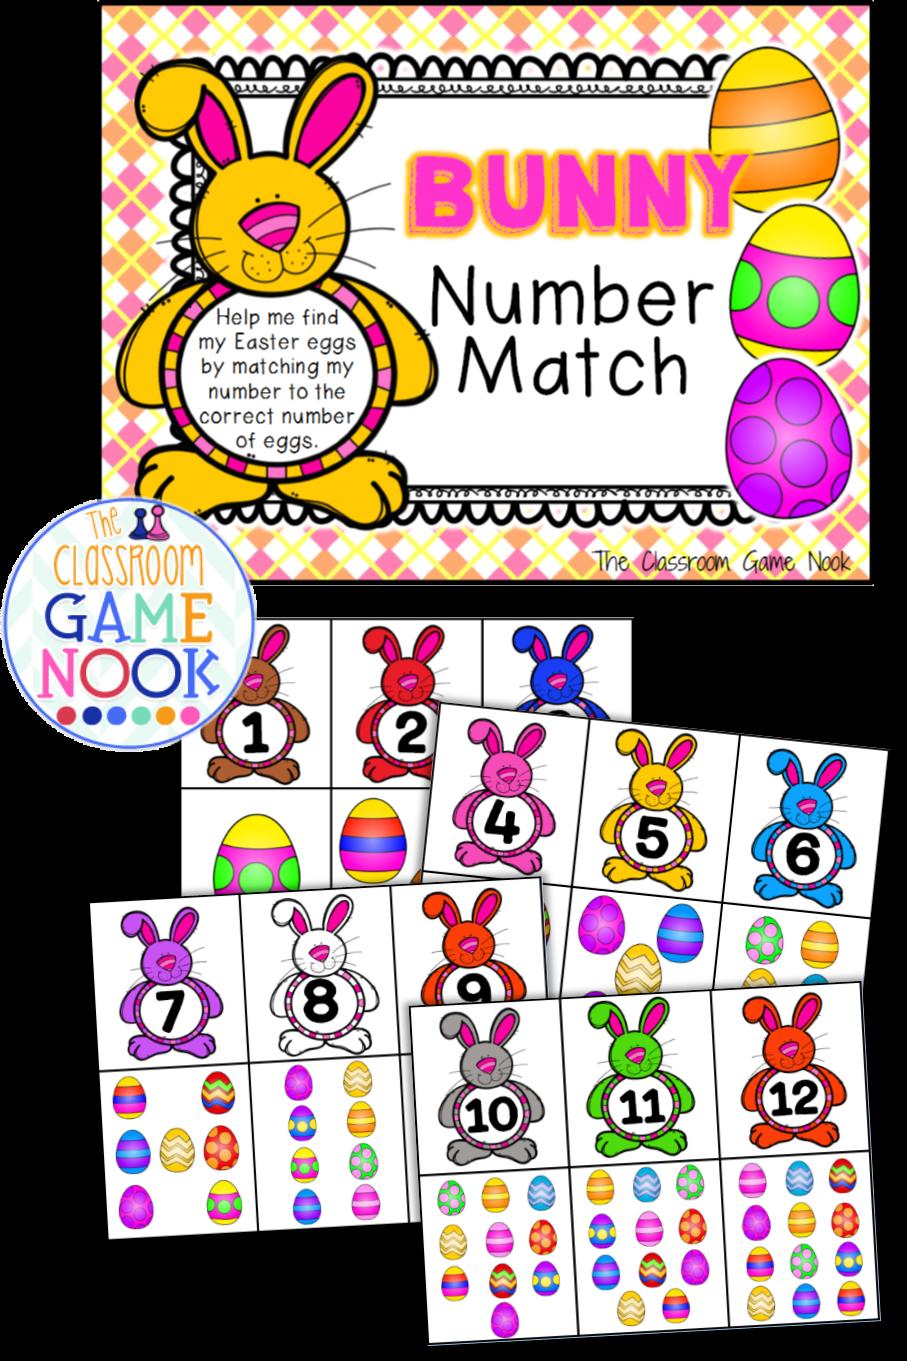 http://2.bp.blogspot.com/-2WRYlvmhI8c/VQYjGX67WbI/AAAAAAAAD6k/wOcC10UMOGo/s1600/number_match.png